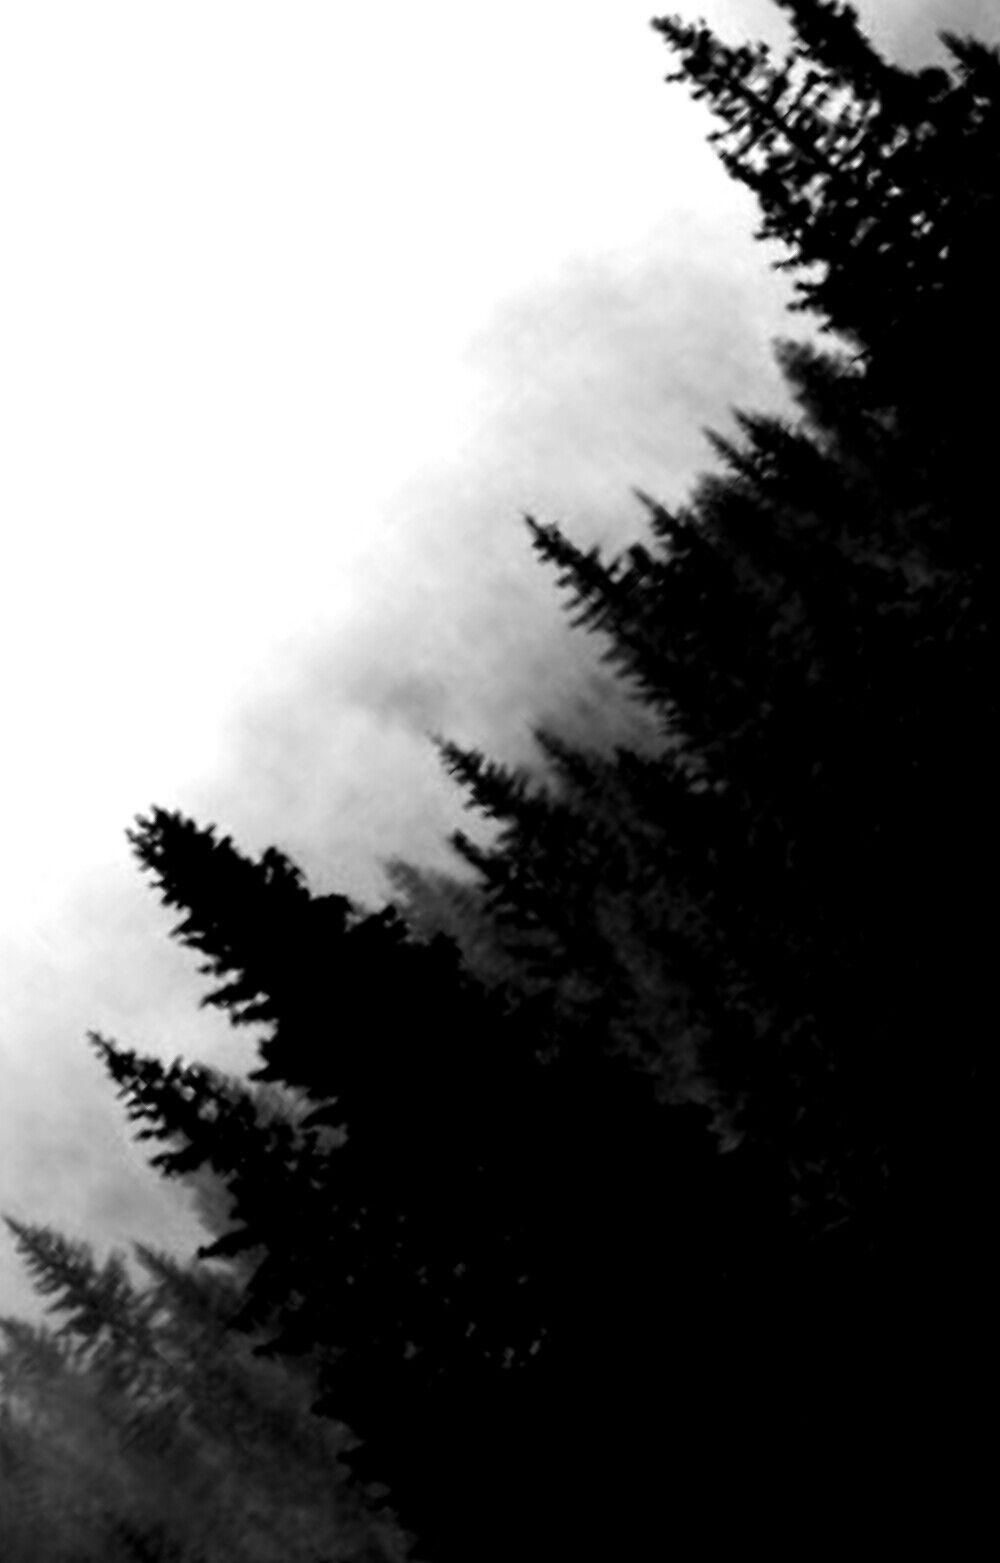 ???? ????? ????...  PicsArt Tutorials [Completed] - 27 / creepy forest